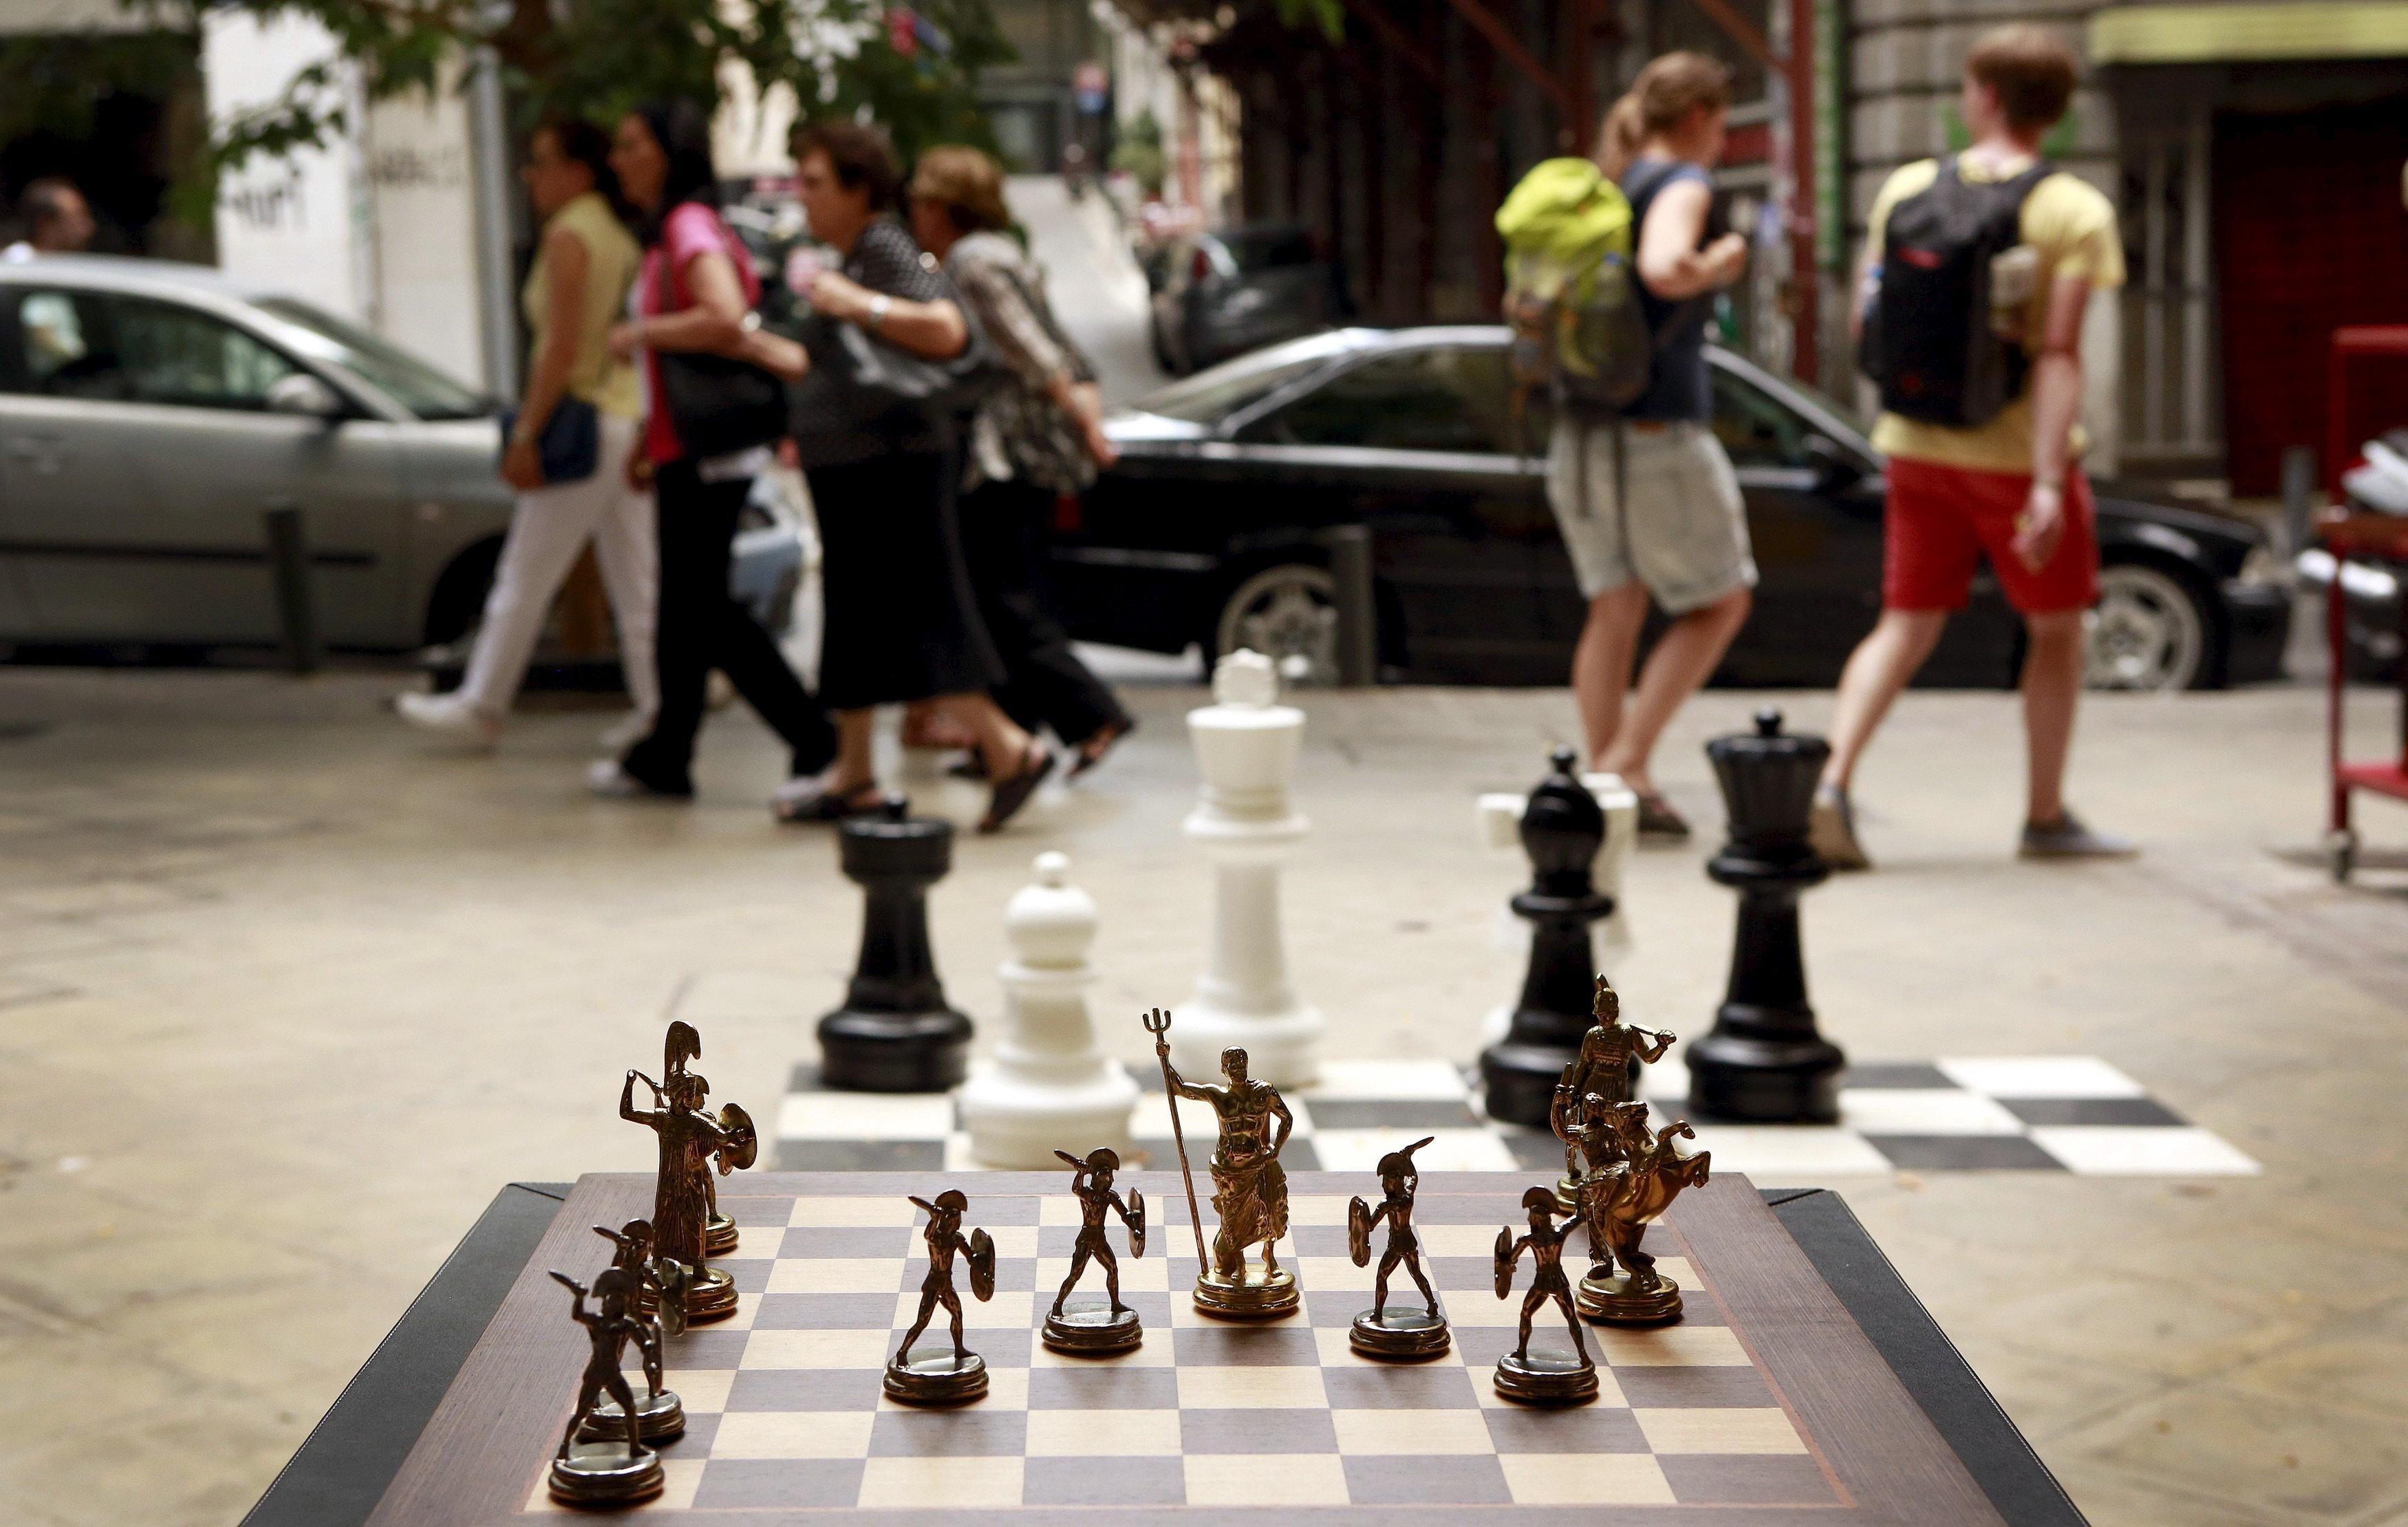 Τέσσερις κινήσεις στην σκακιέρα της ανάπτυξης